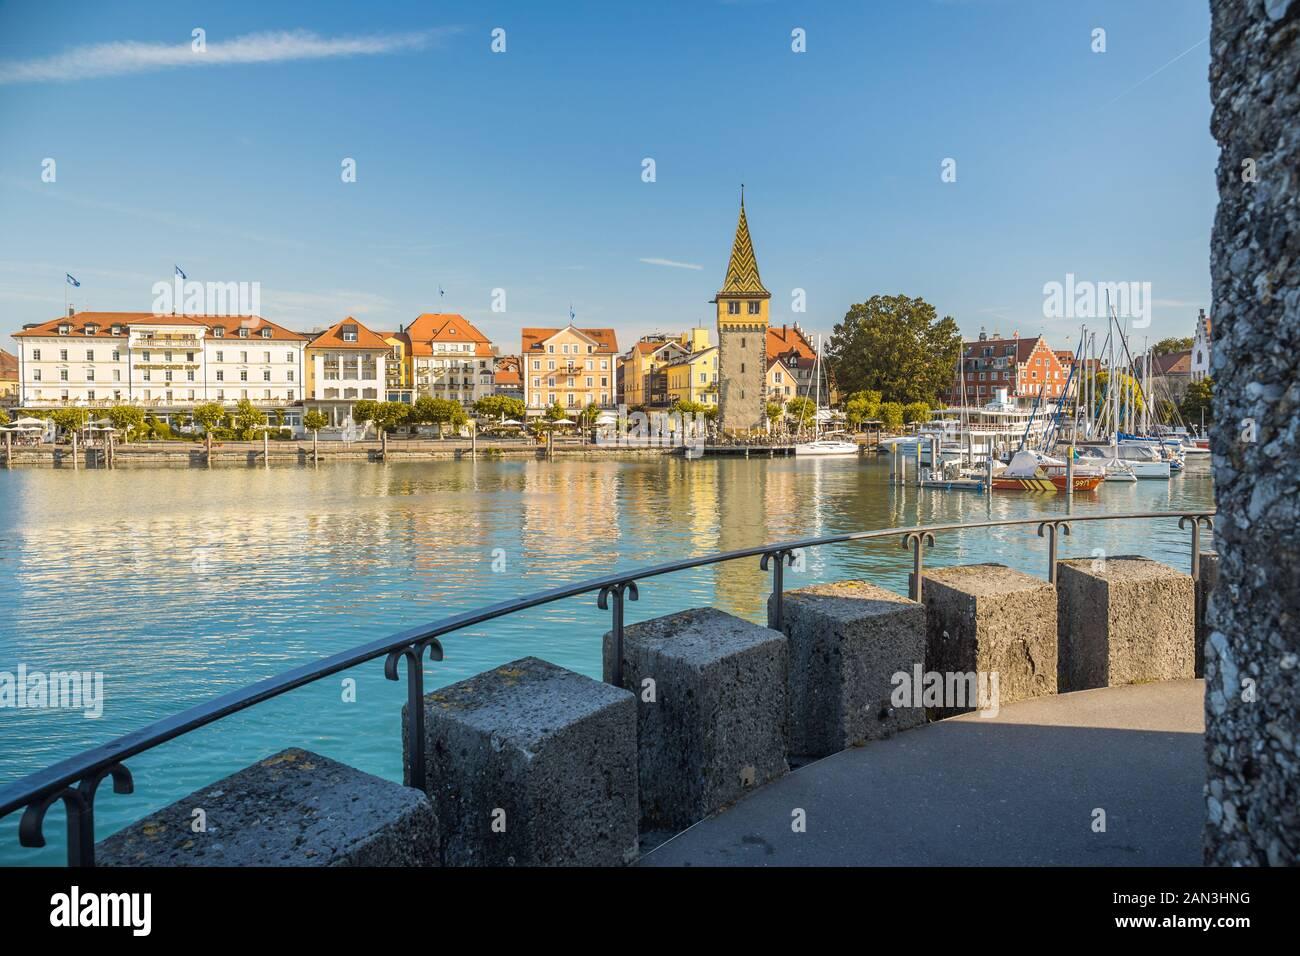 Lindau, Deutschland, Juli 2019 - Blick auf die Marina und die mangturm Turm im deutschen Hafen Lindau entfernt. Stockfoto